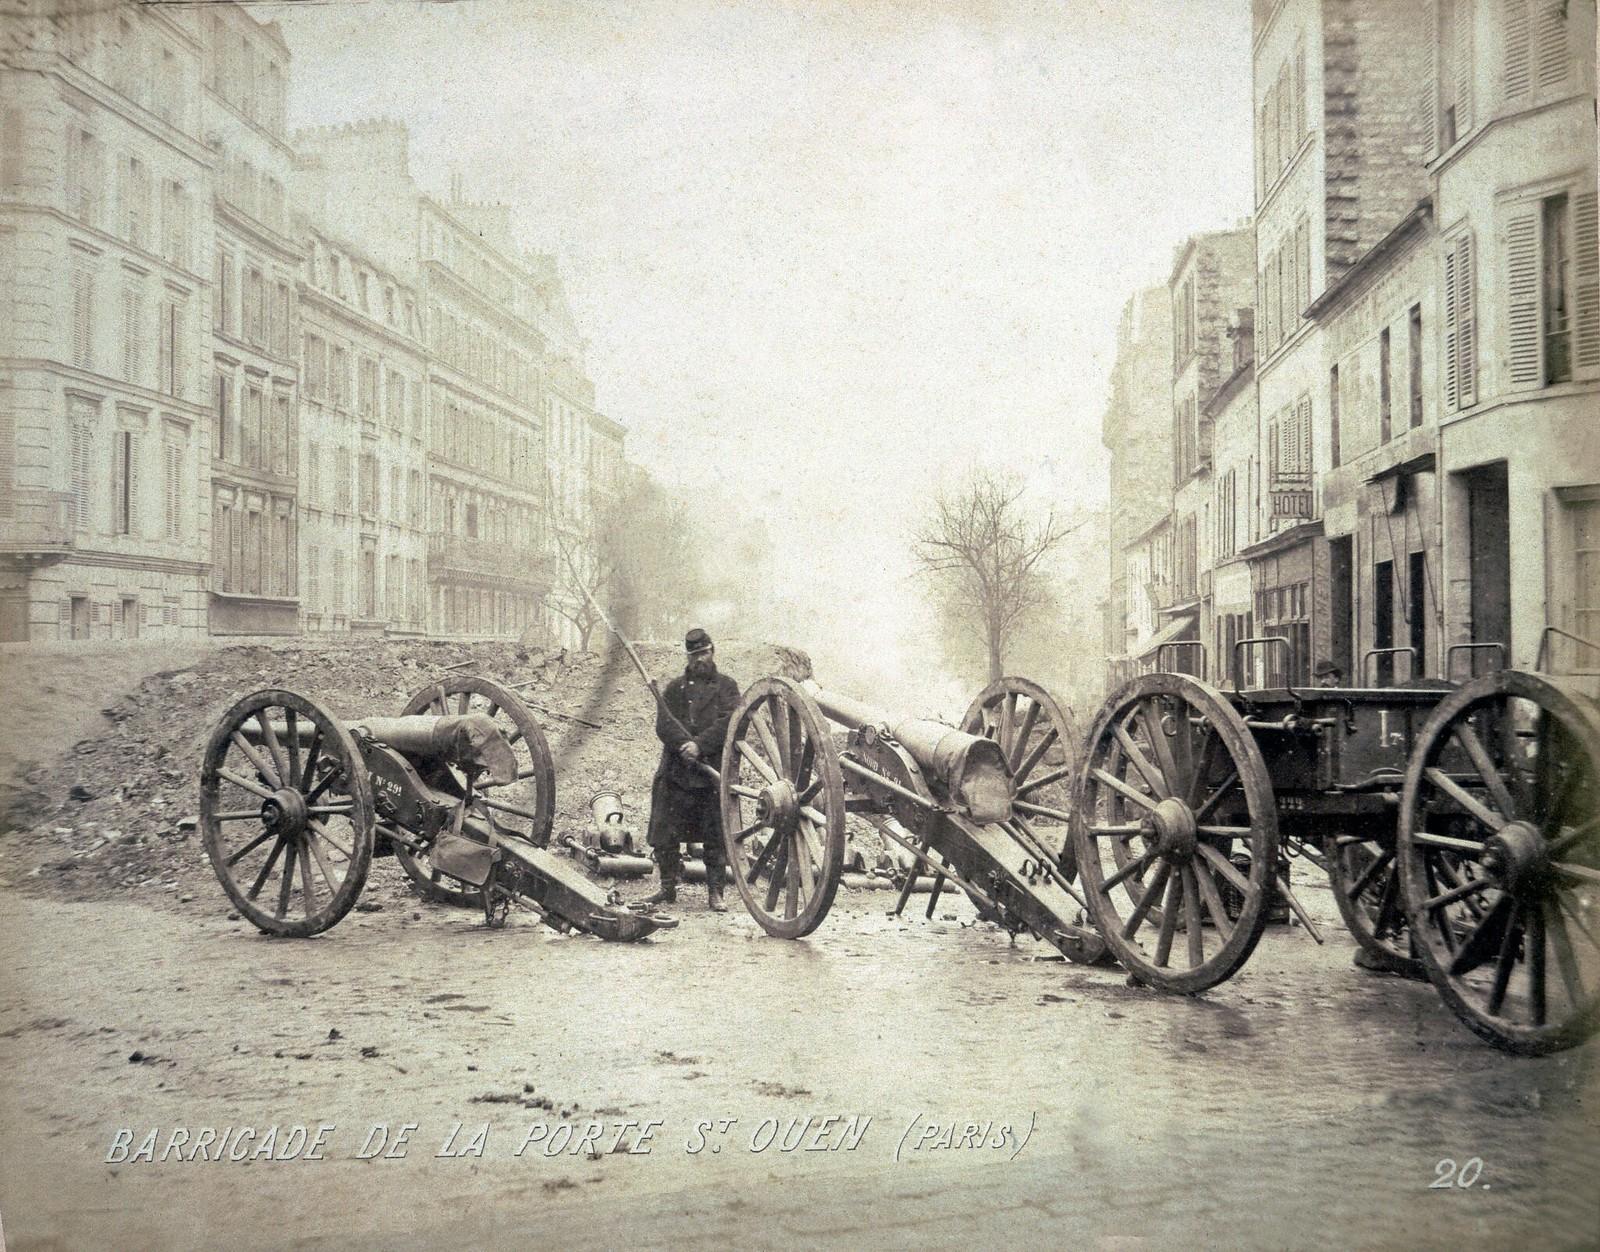 Пушки и баррикады, установленные коммунарами на Порт-де-Сент-Уэн во время Парижской коммуны